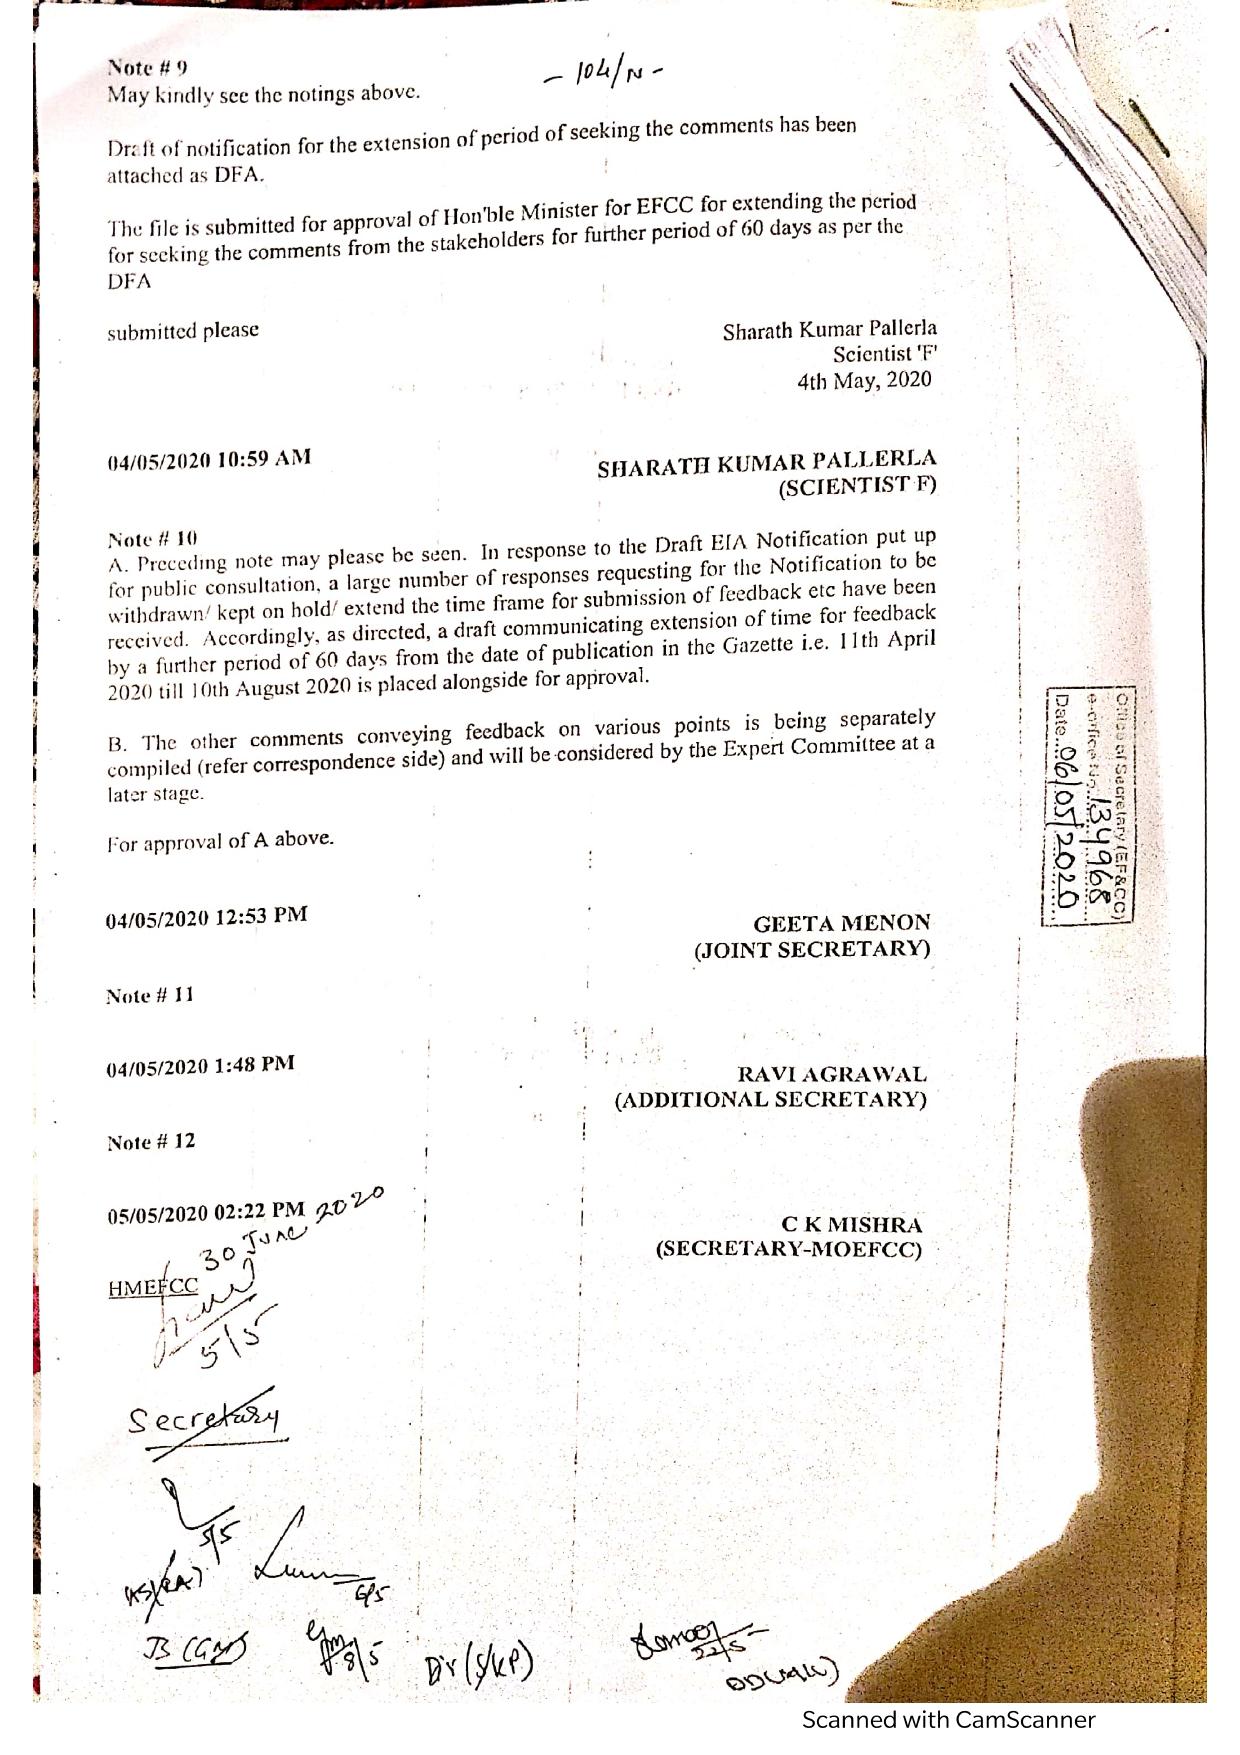 وزیر ماحولیات کی دستخط شدہ فائل نوٹنگ۔